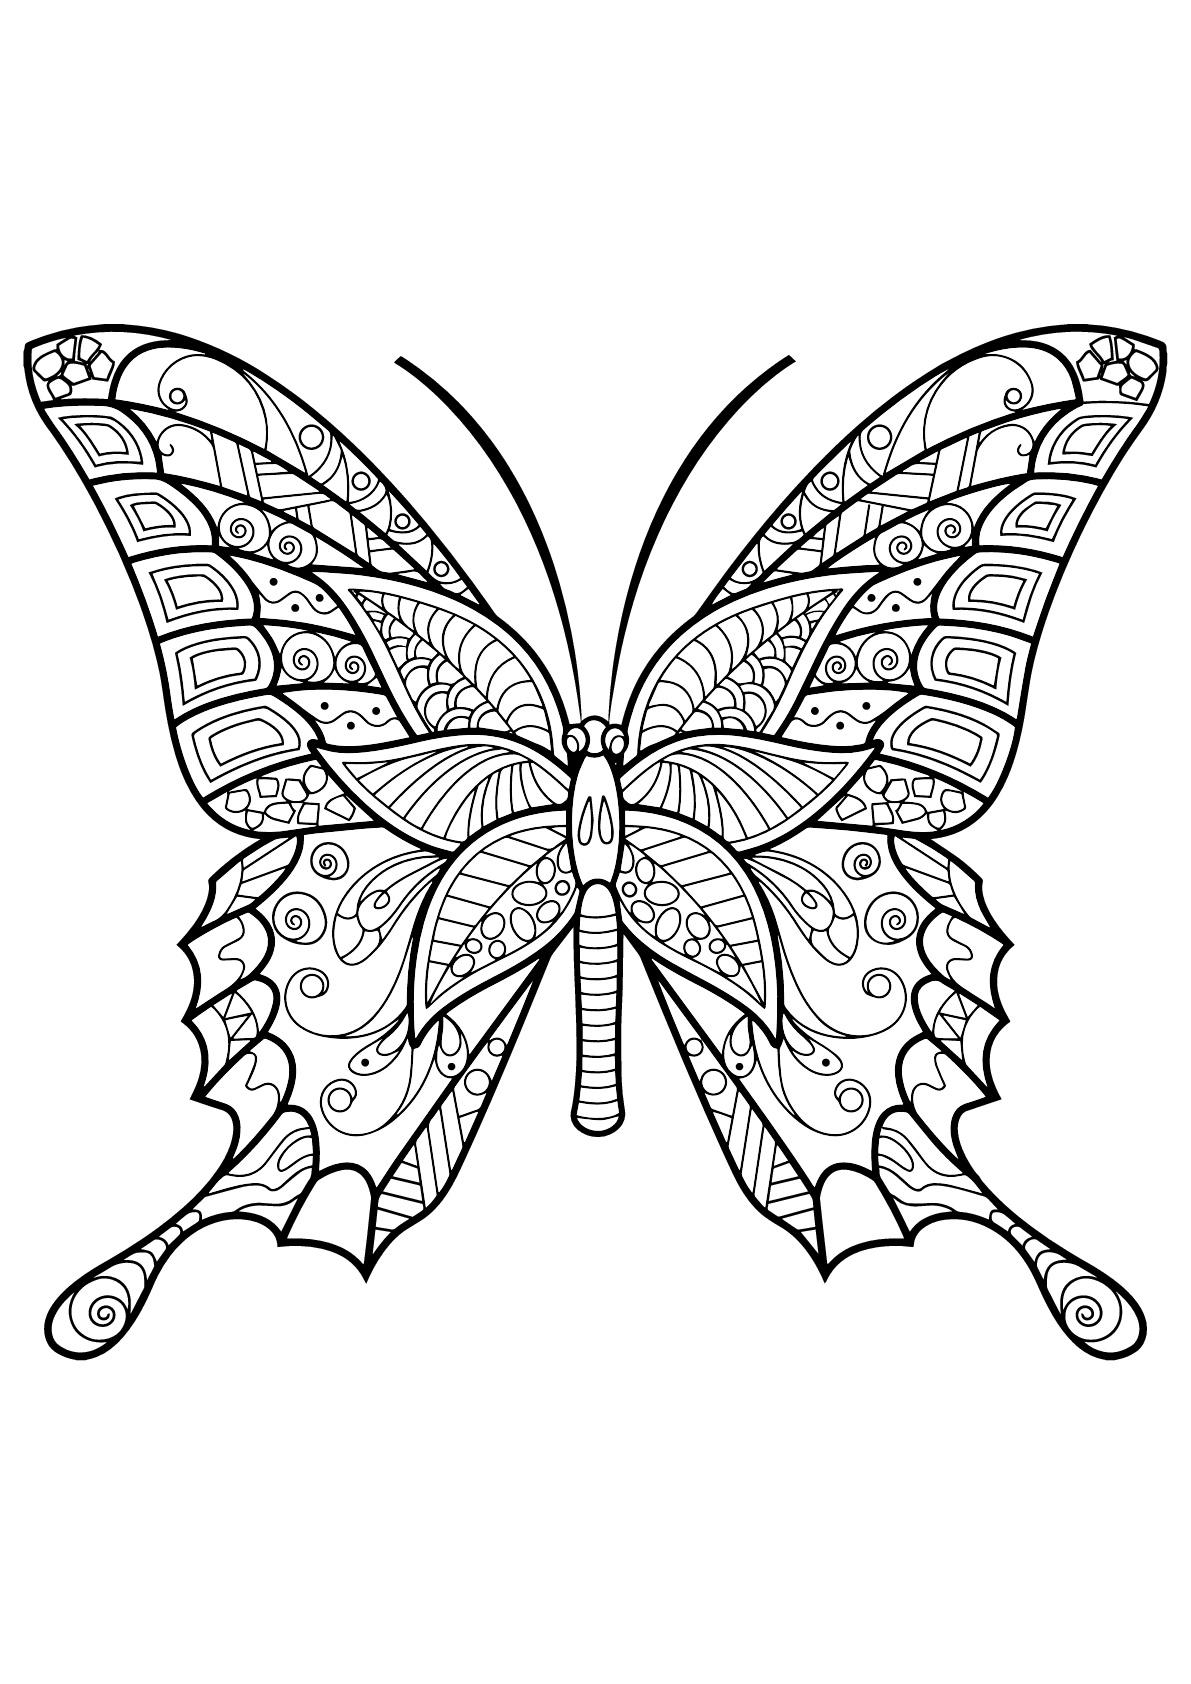 Coloriage d'un papillon avec des superbes motifs - 6